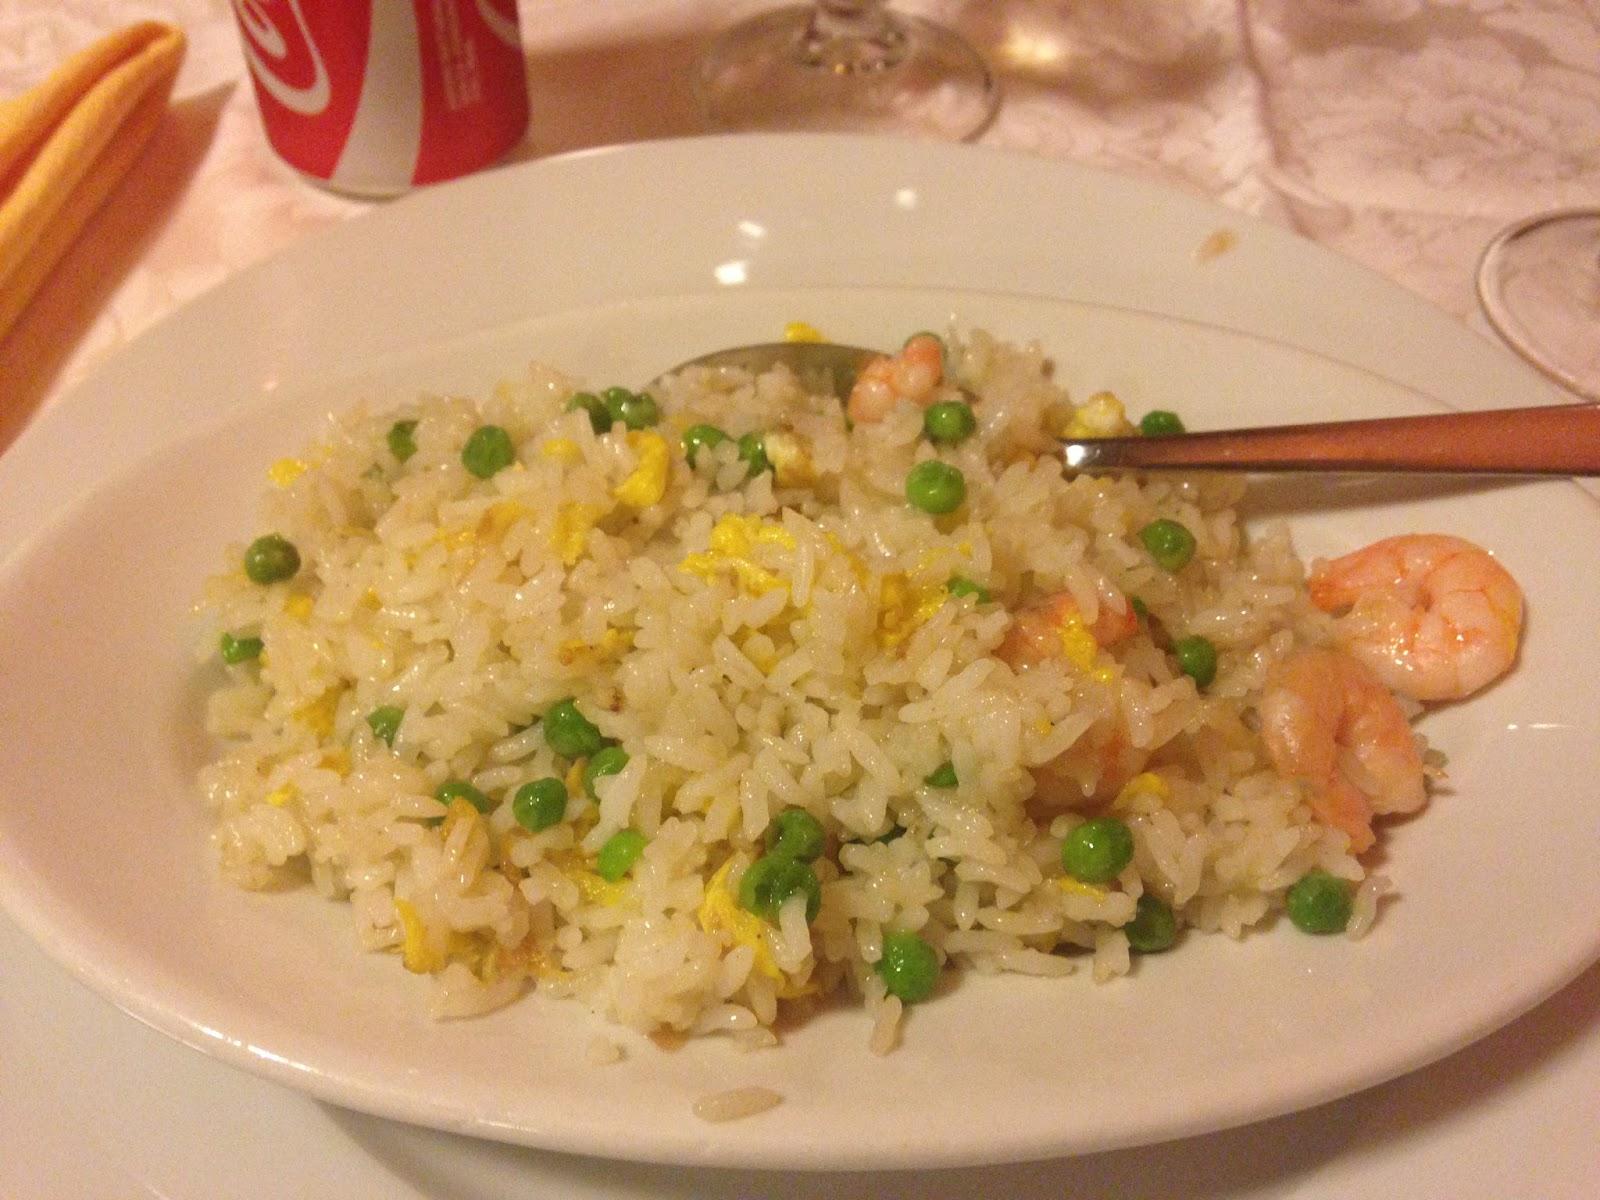 Lattosio noproblem cibo cinese senza lattosio for Cibo cinese menu